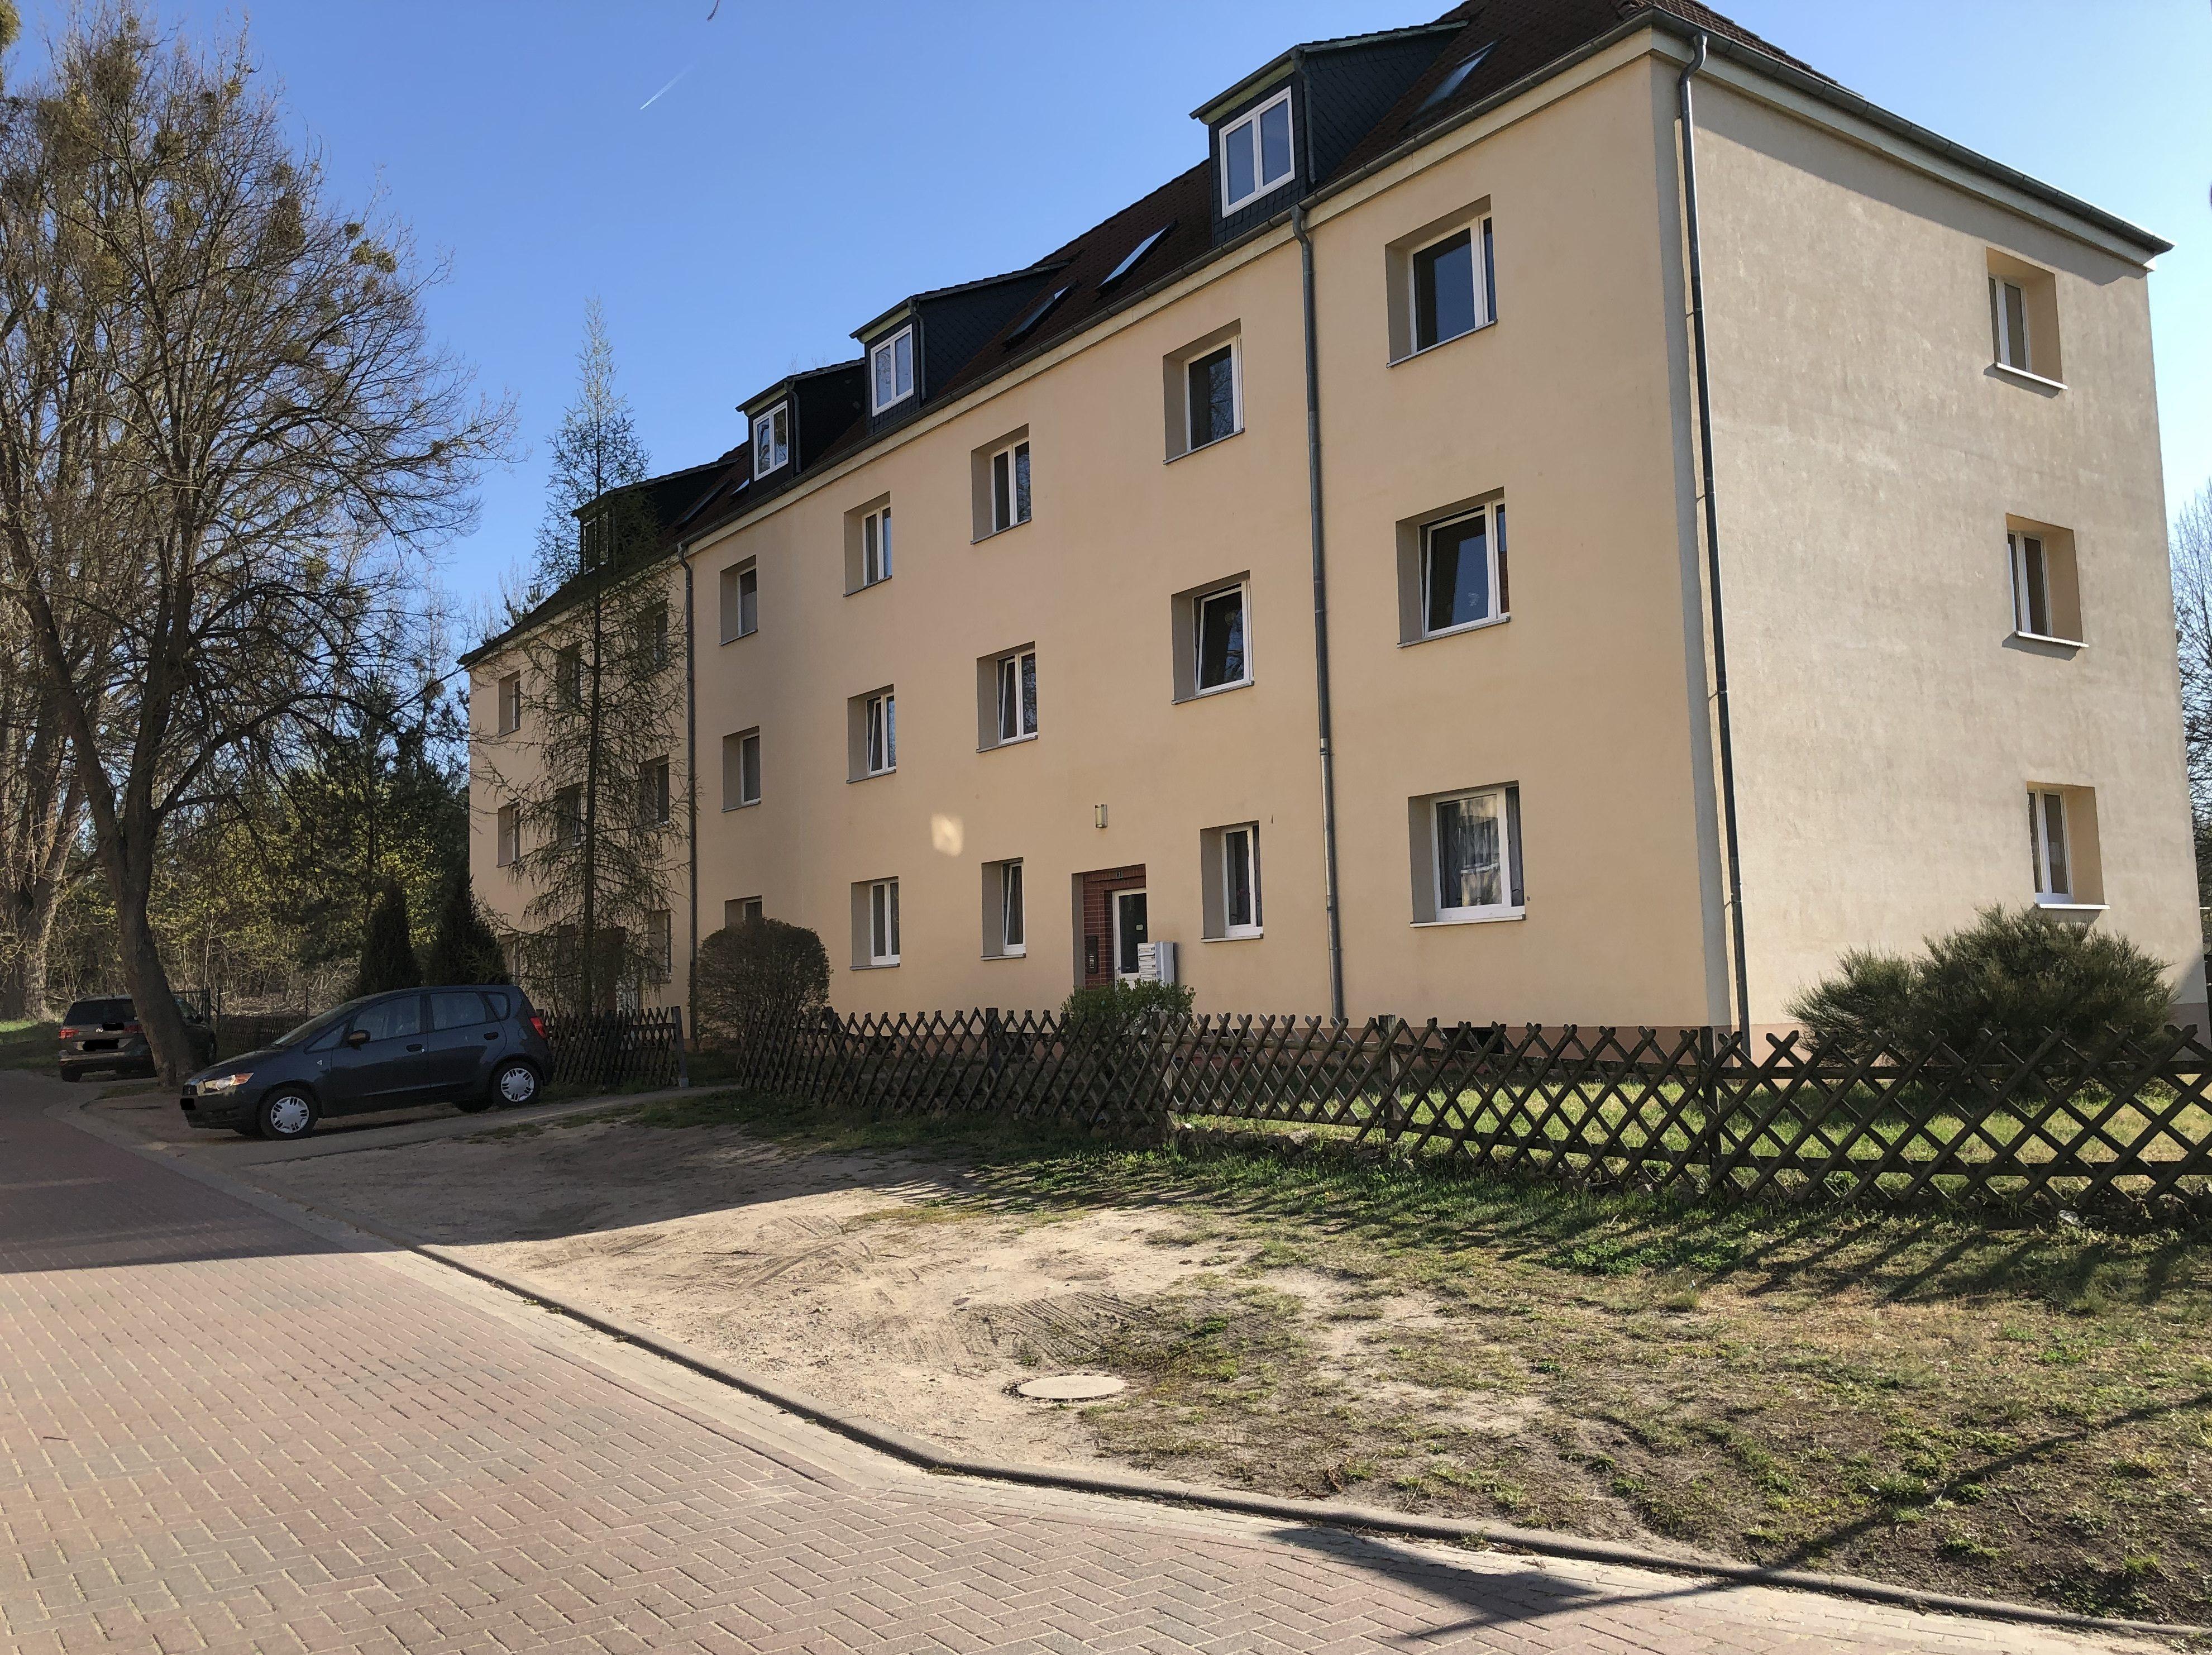 Geschwister-Scholl-Straße 2 und 4